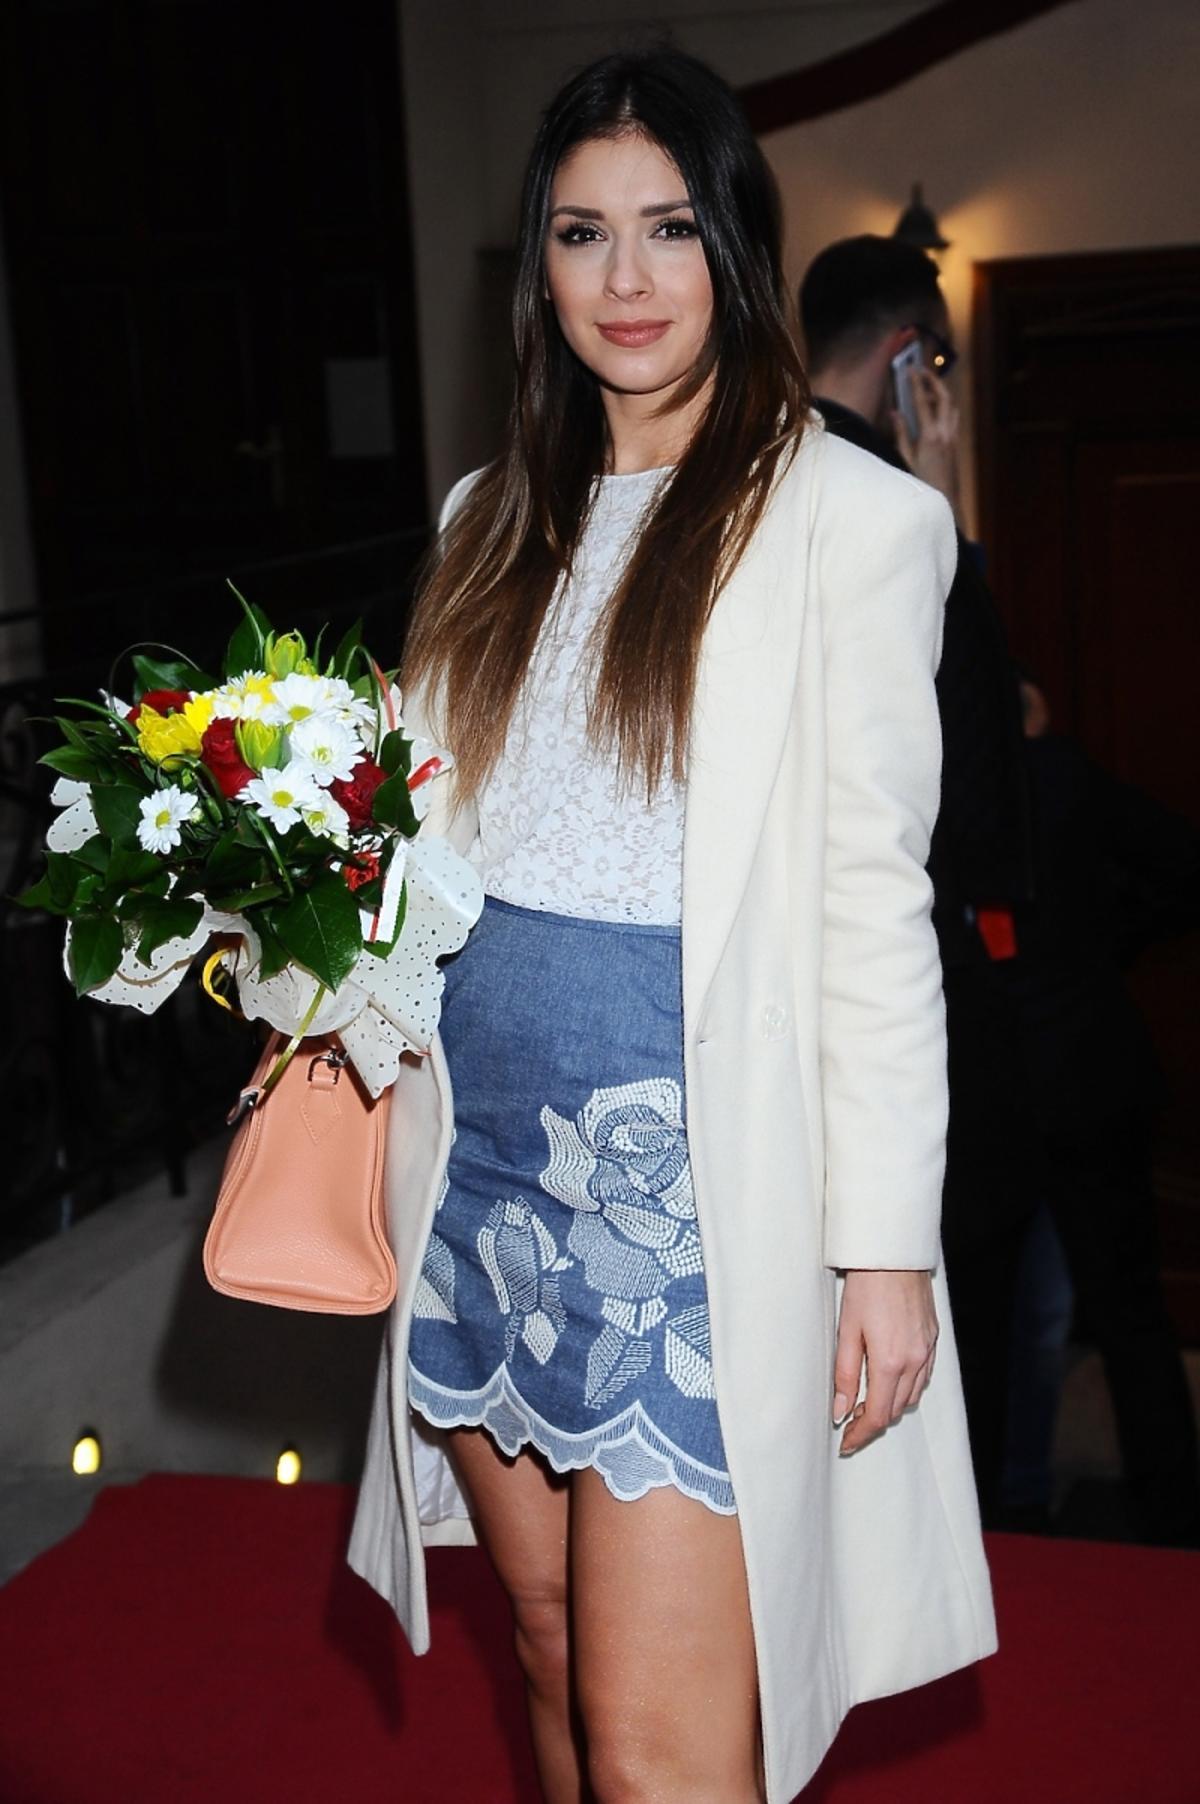 Klaudia Halejcio w dżinsowej minispódnicy i białej marynarce z bukietem kwiatów